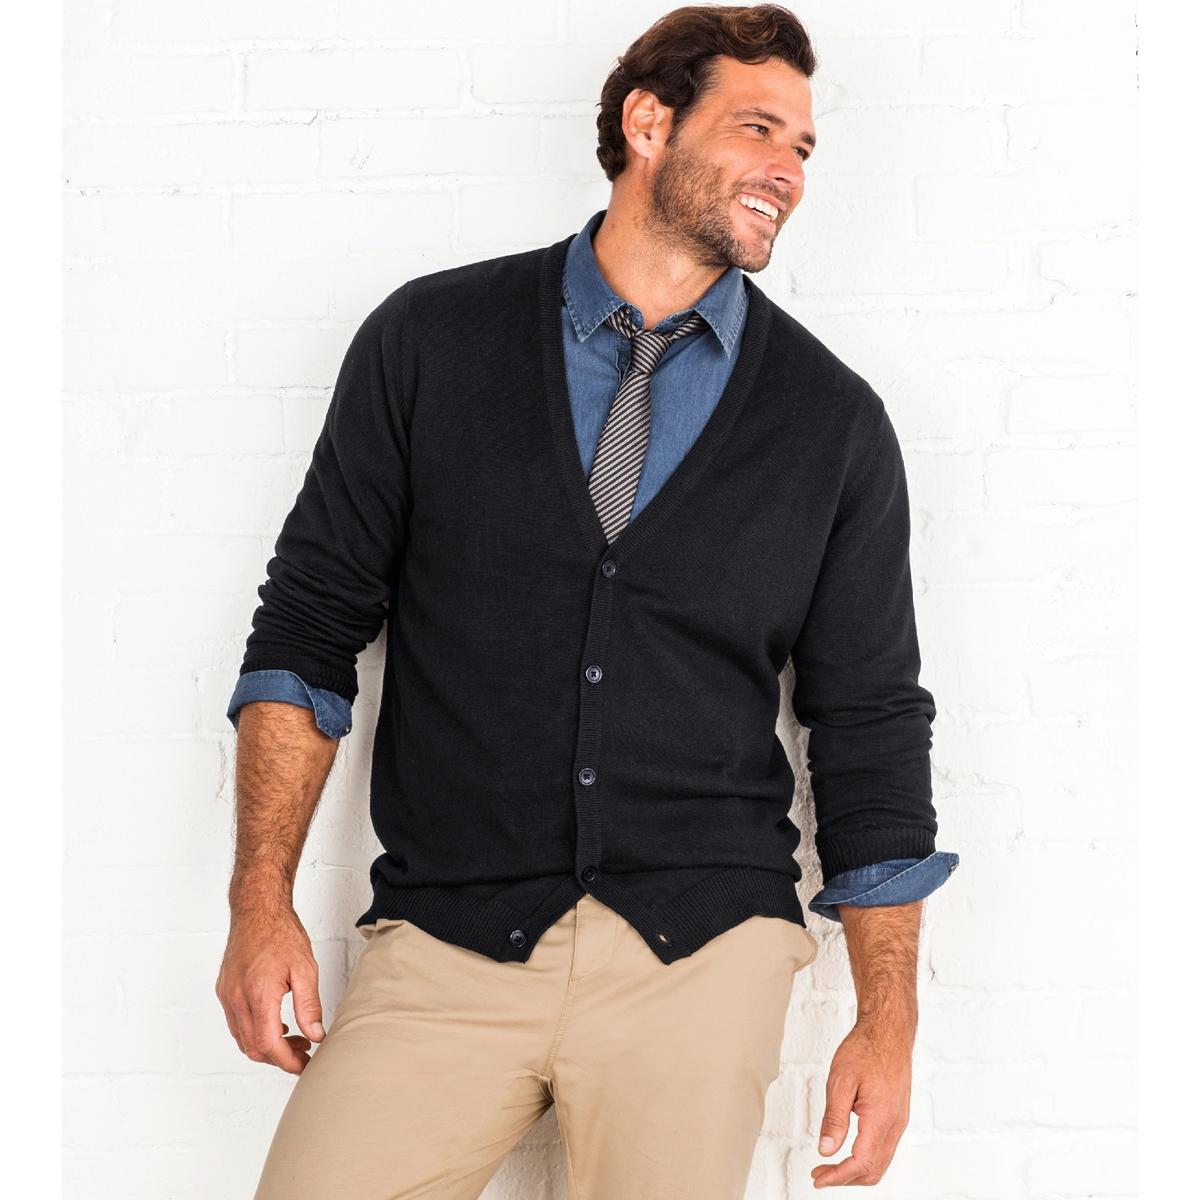 Рубашка из денимаРубашка из денима. Длинные рукава. 2 накладных нагрудных кармана с клапанами на пуговице. Застёжка на металлические кнопки. Складка для большего комфорта сзади. Закругленные полочки. Деним, 100% хлопка. Длина 85 см .<br><br>Цвет: синий индиго потертый<br>Размер: 45/46.53/54